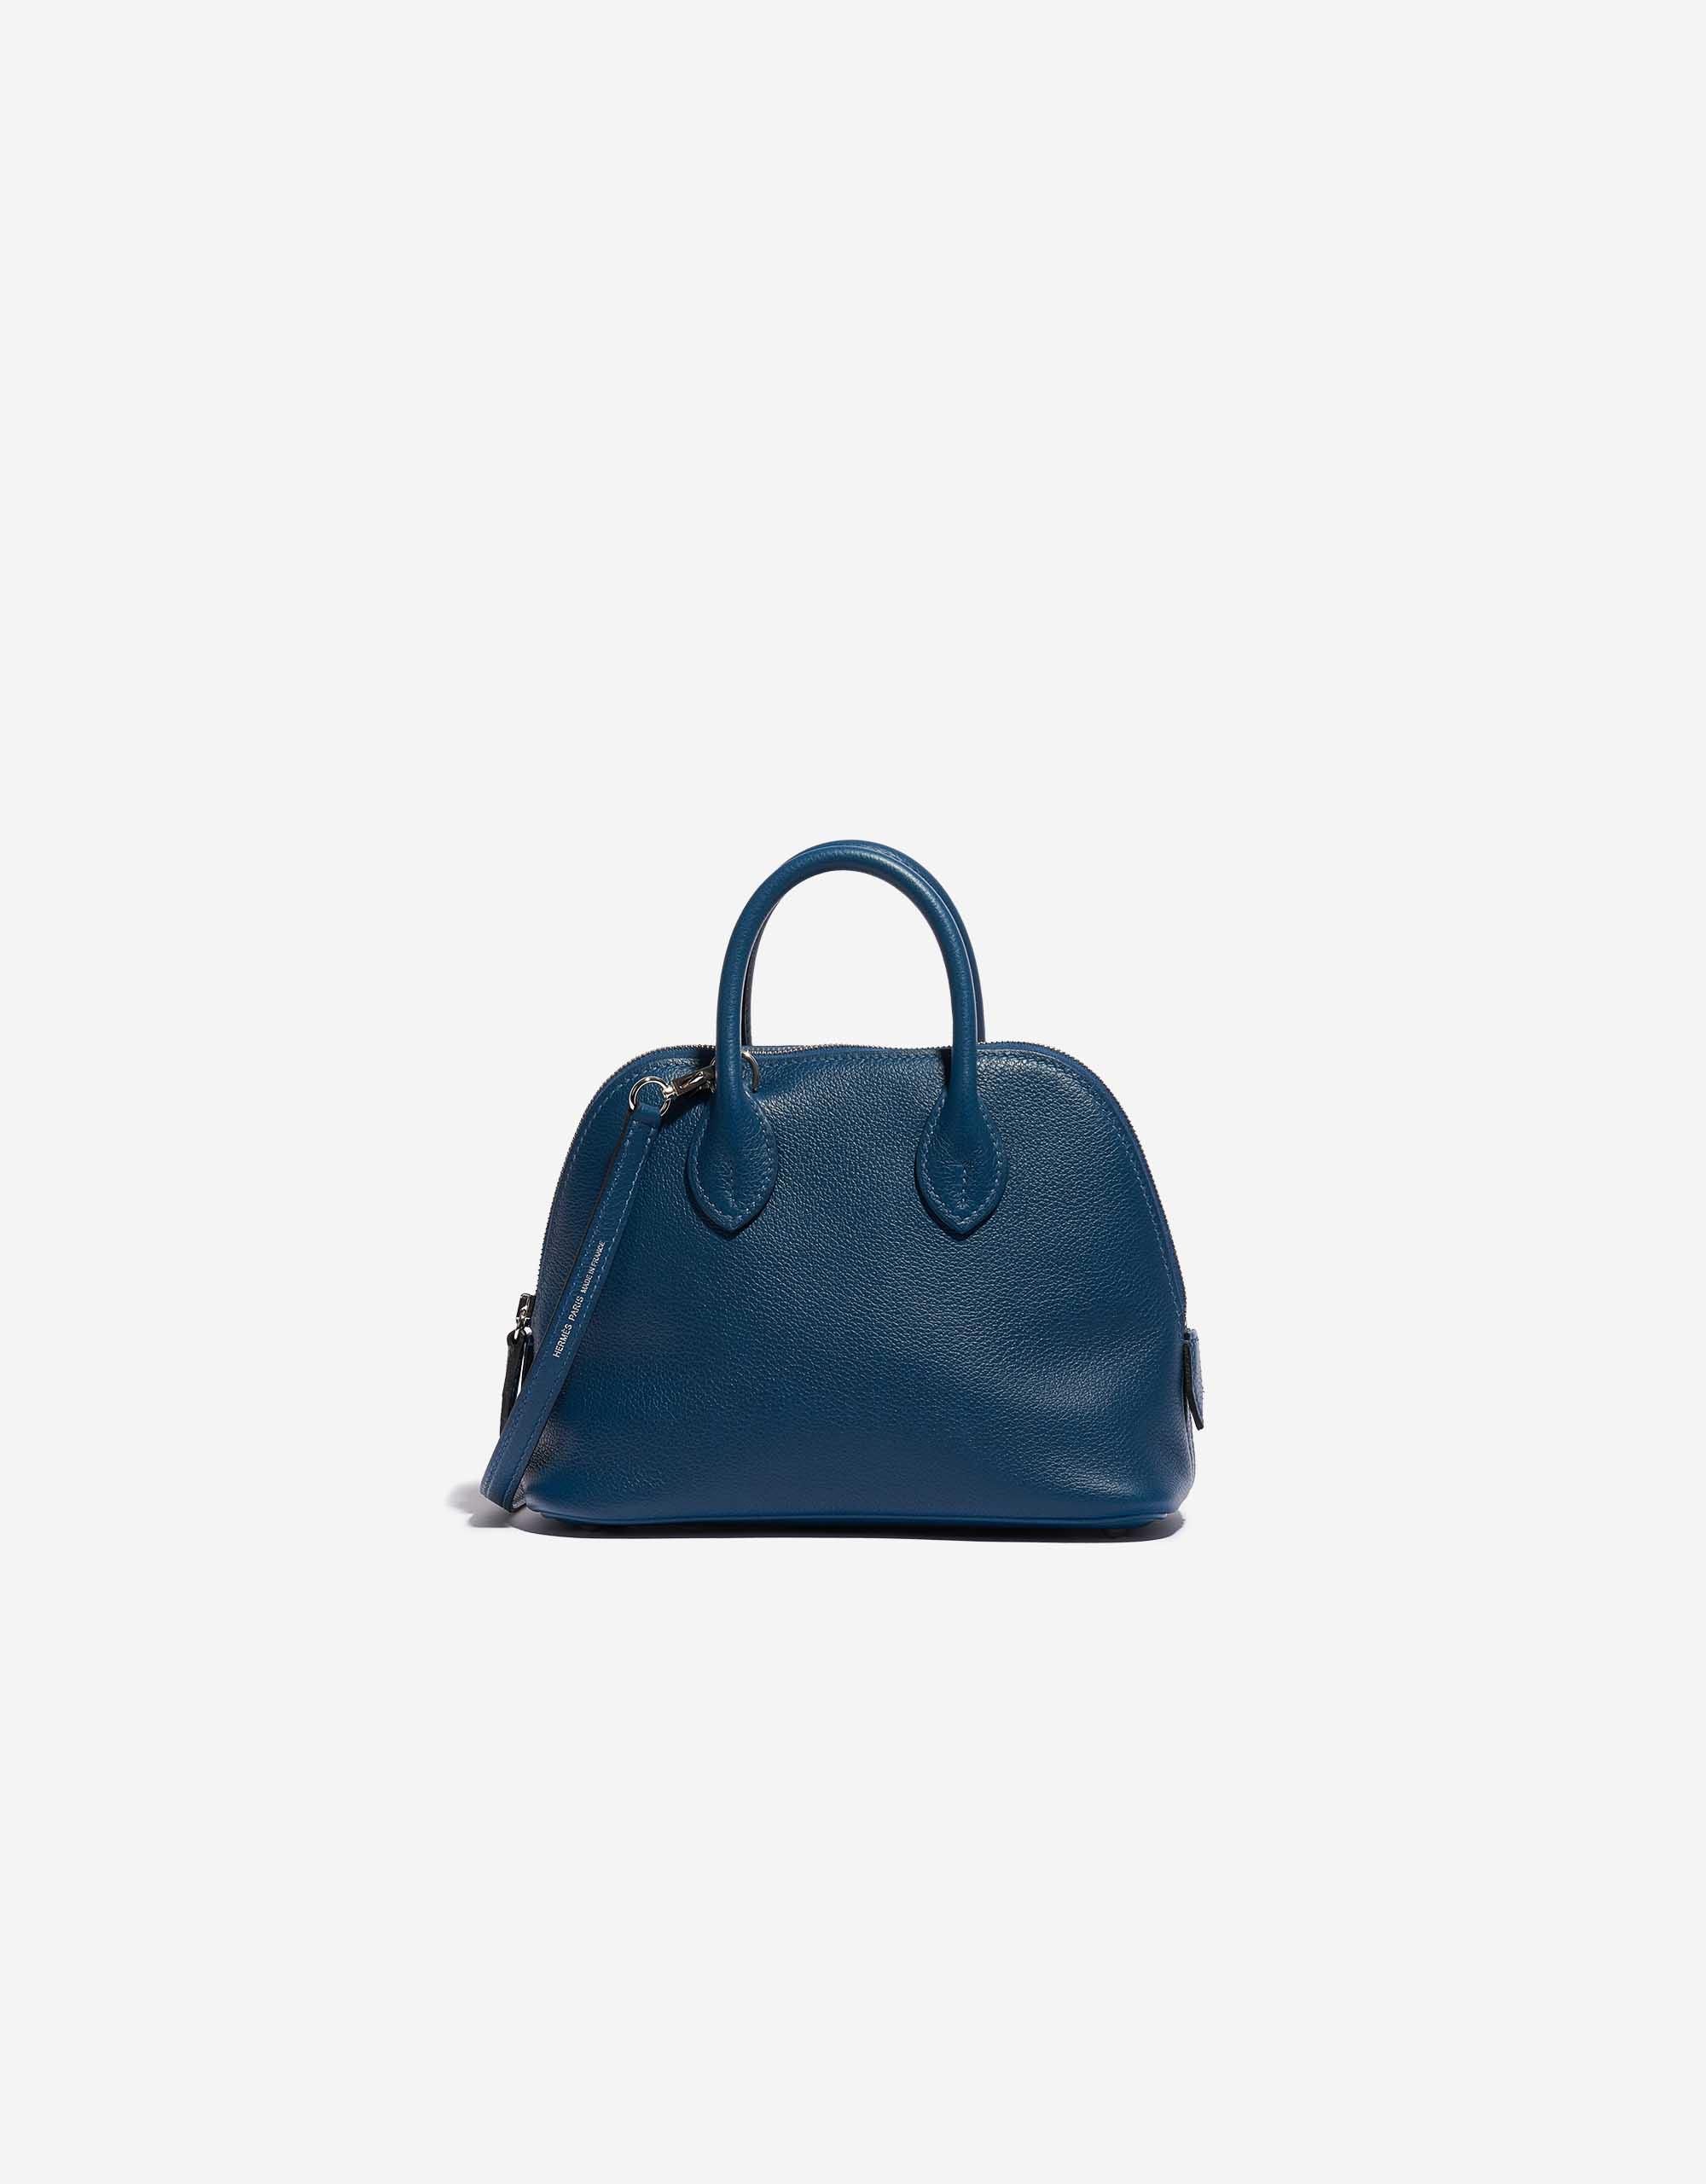 Hermès Bolide Mini Evercolor Vert Bosphore | SACLÀB